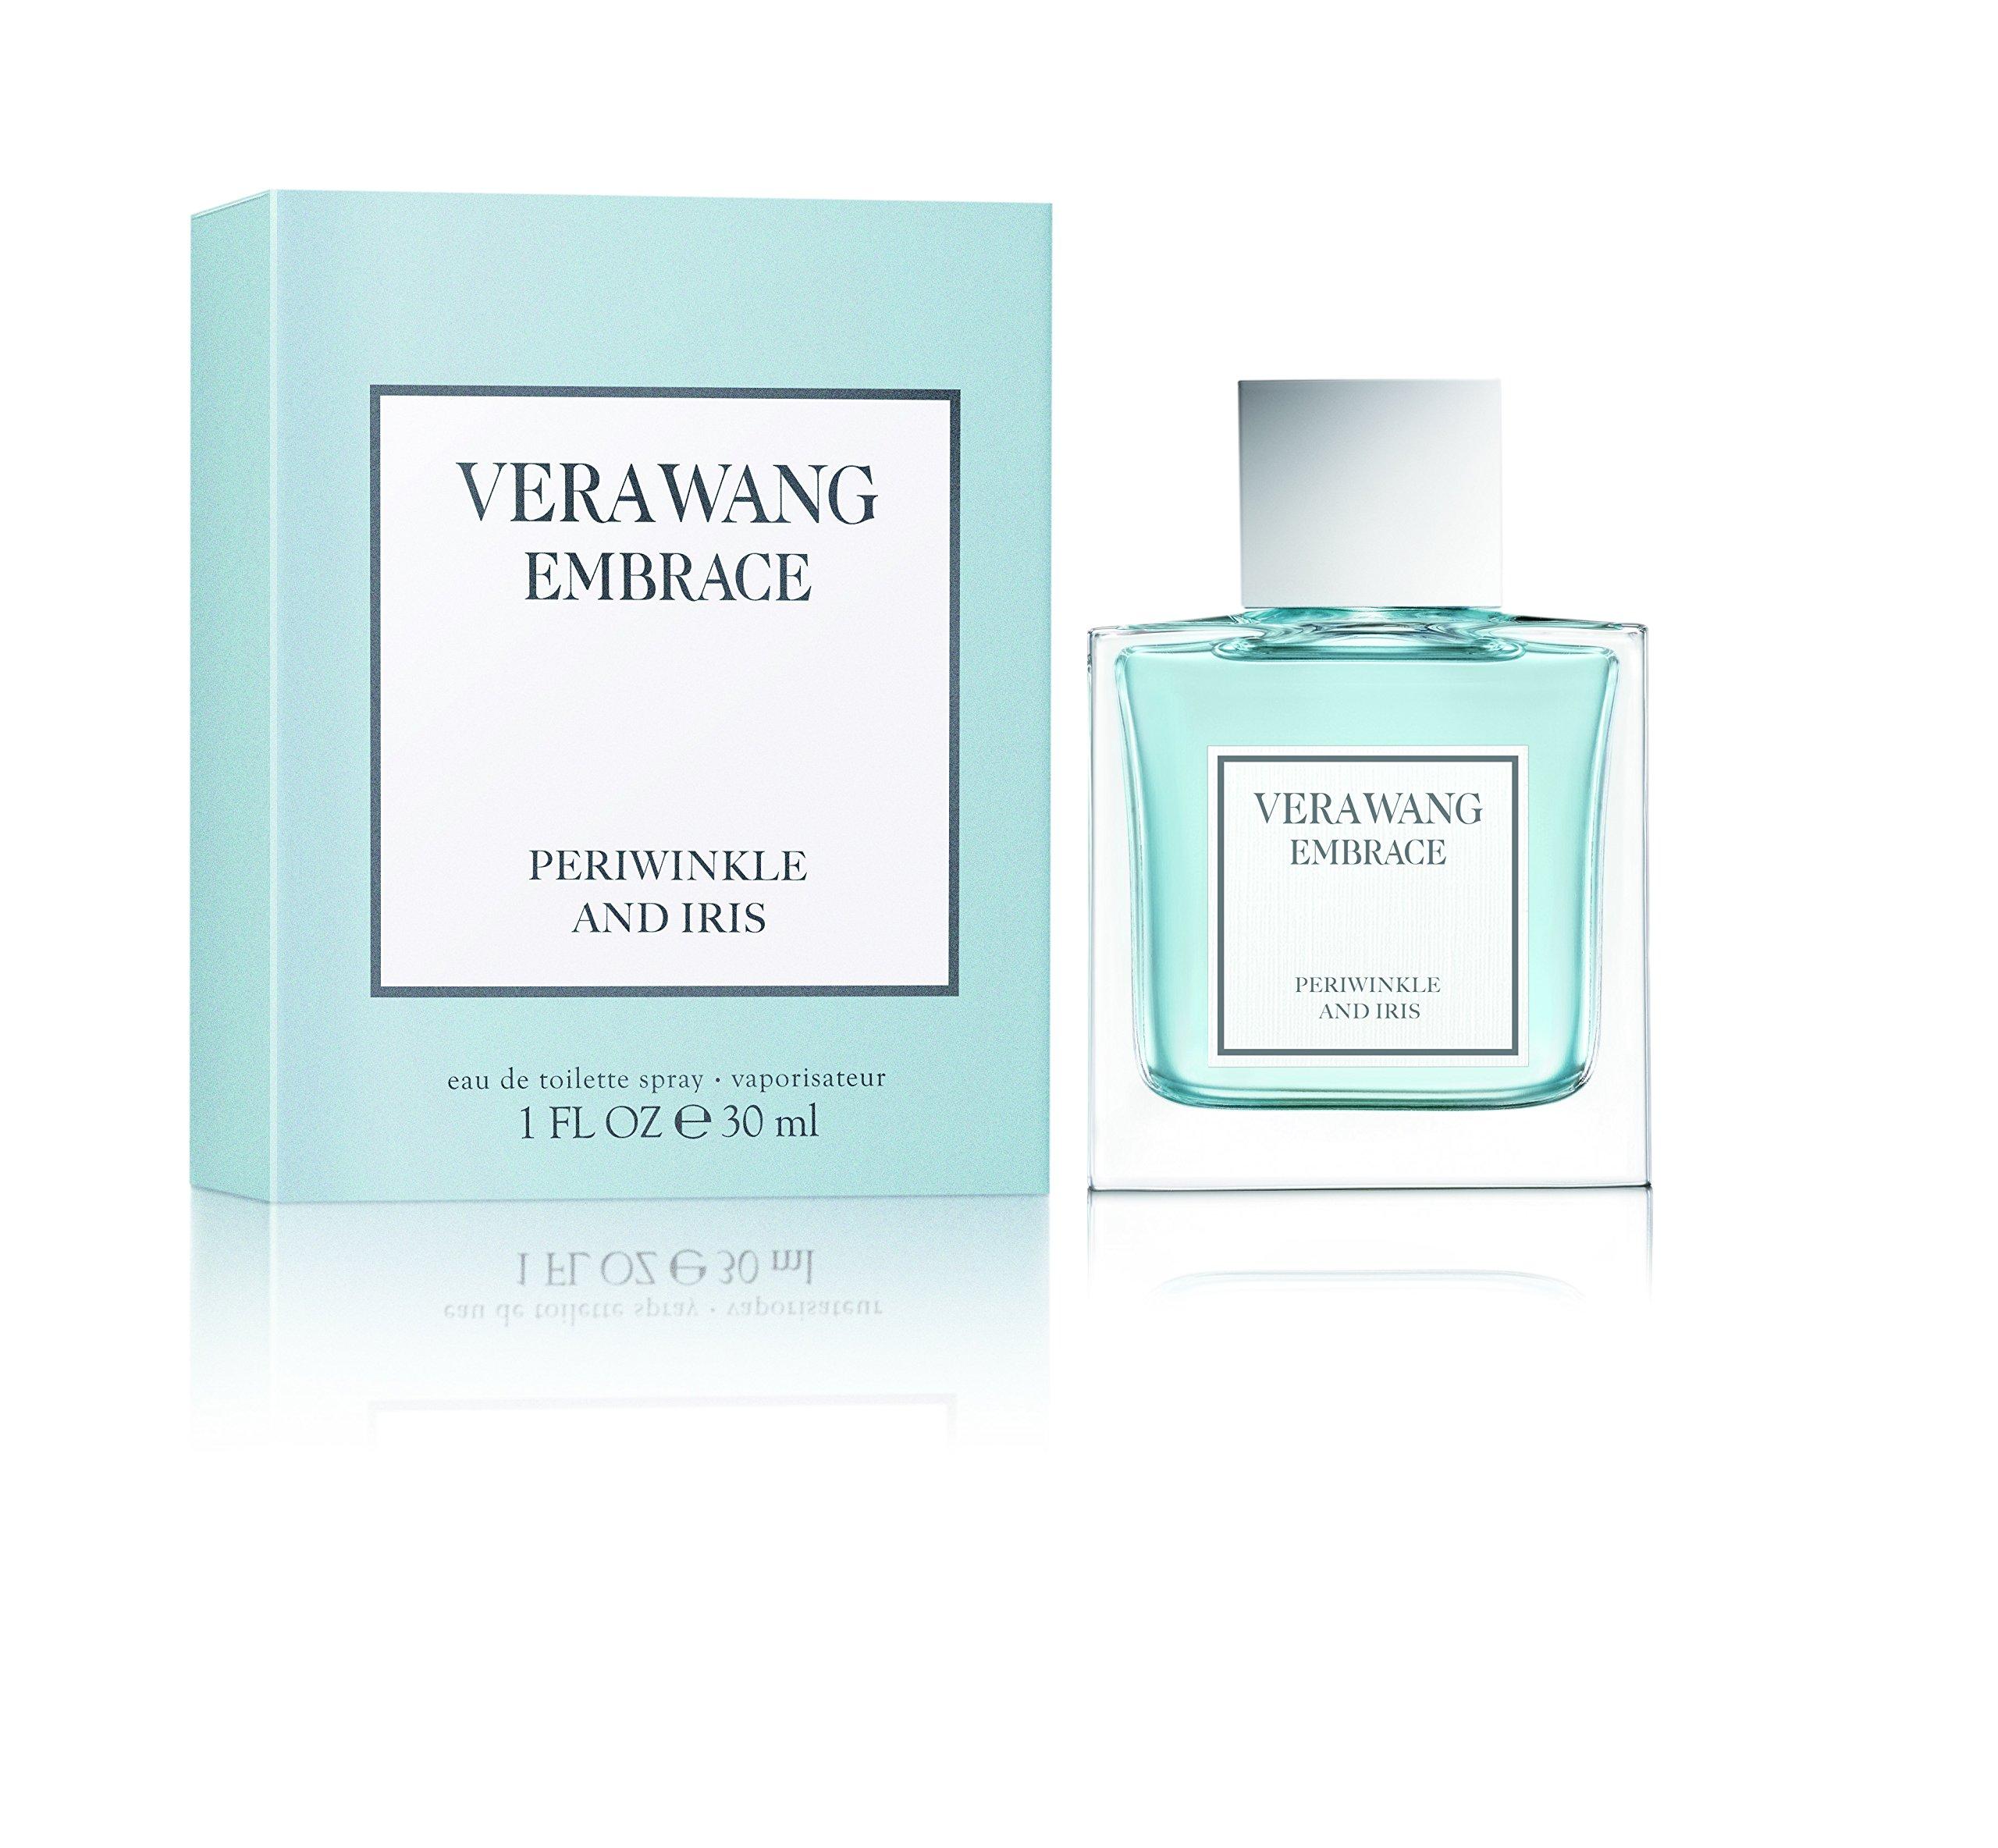 Vera Wang Embrace Eau de Toilette Periwinkle and Iris Scent 1 Fluid Oz. Women's Cologne Passionate, Floral and Sparkling Fragrance